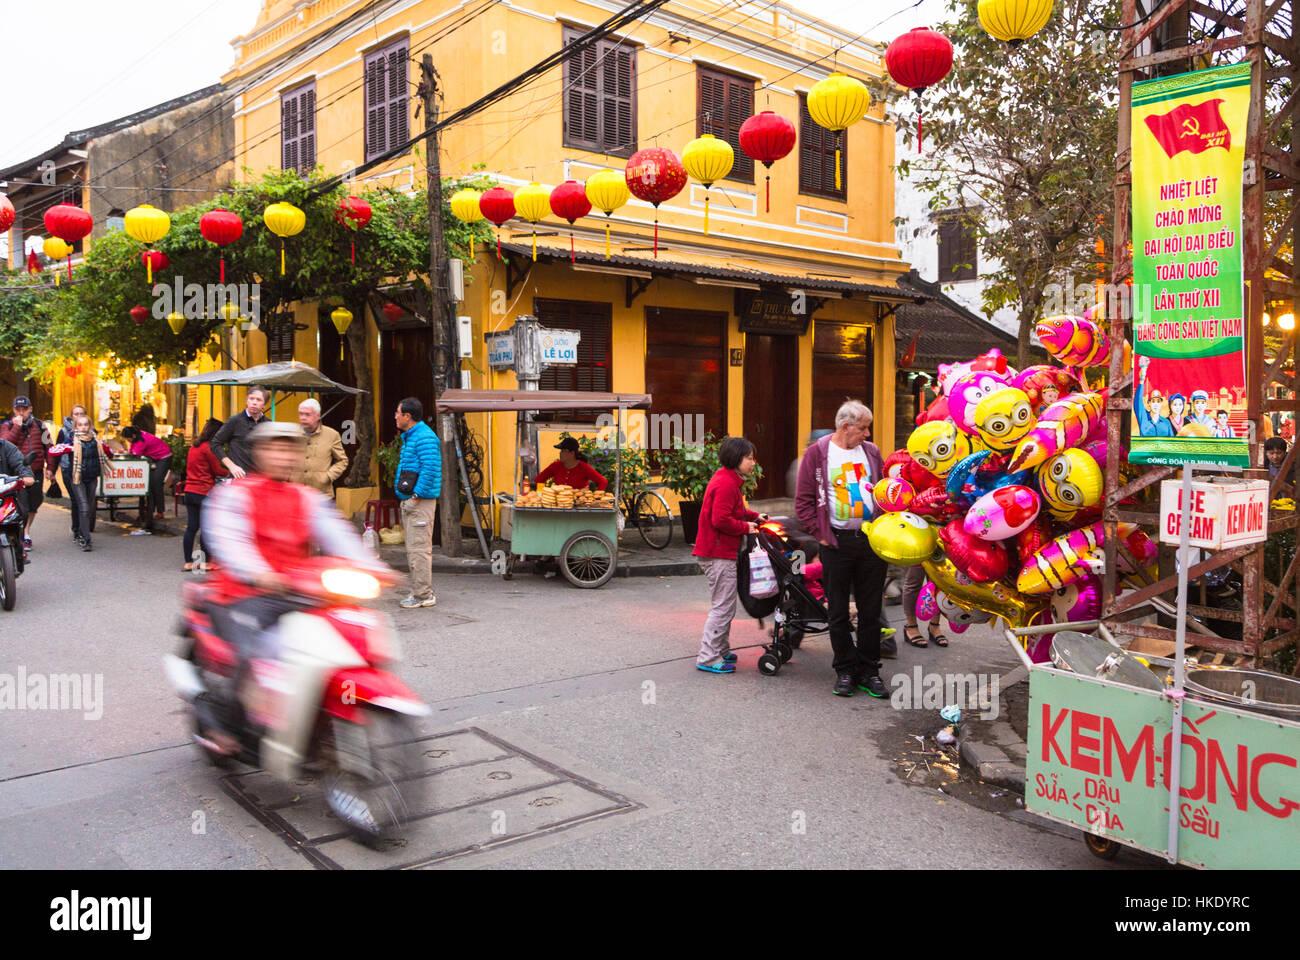 Hoi An, VIETNAM - 7 février 2016: une moto, capturé avec blurred motion, se précipite dans Photo Stock